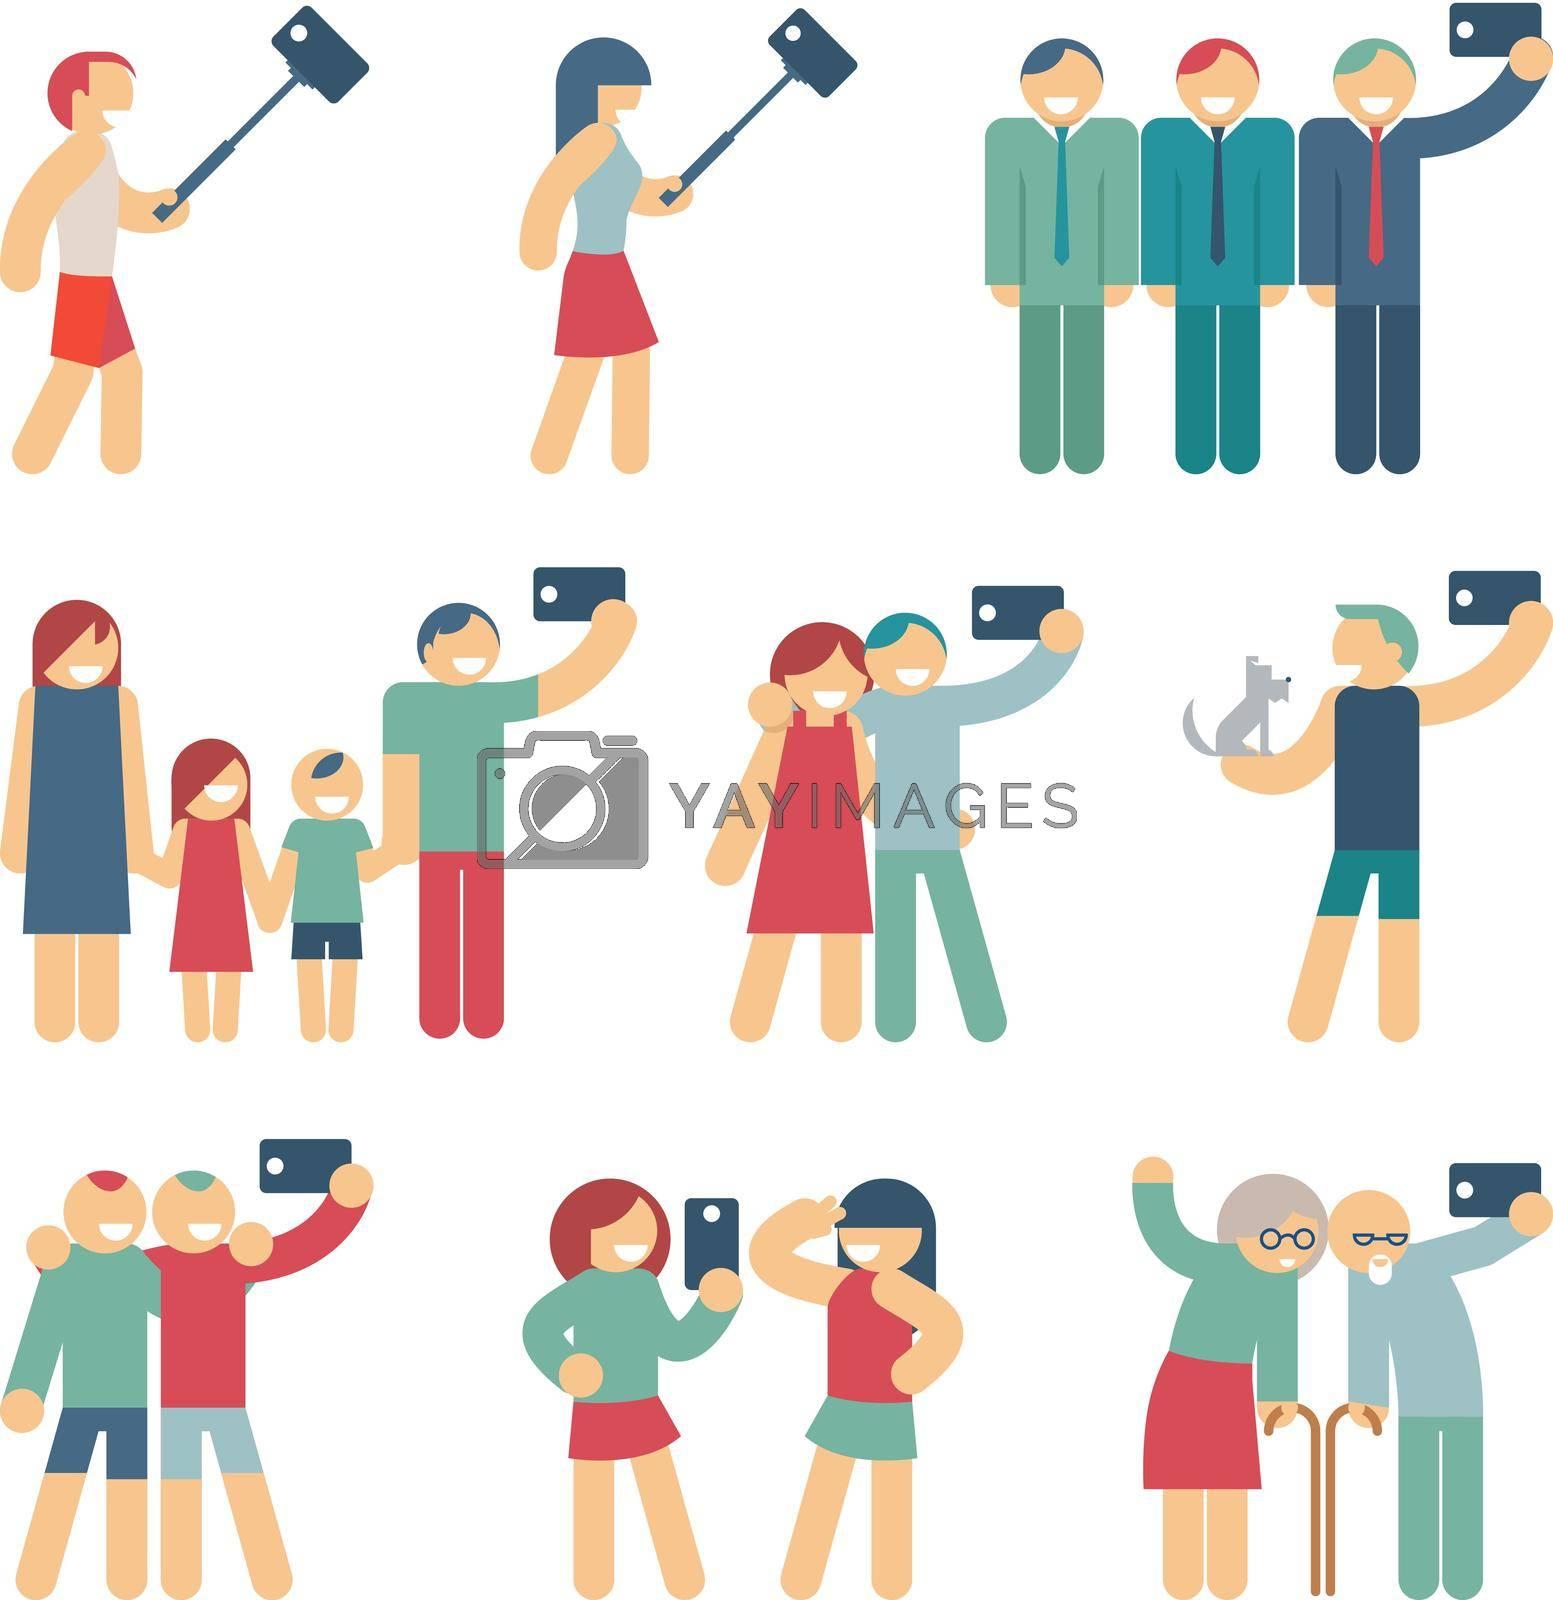 Royalty free image of Selfie figures of people by mstjahanara